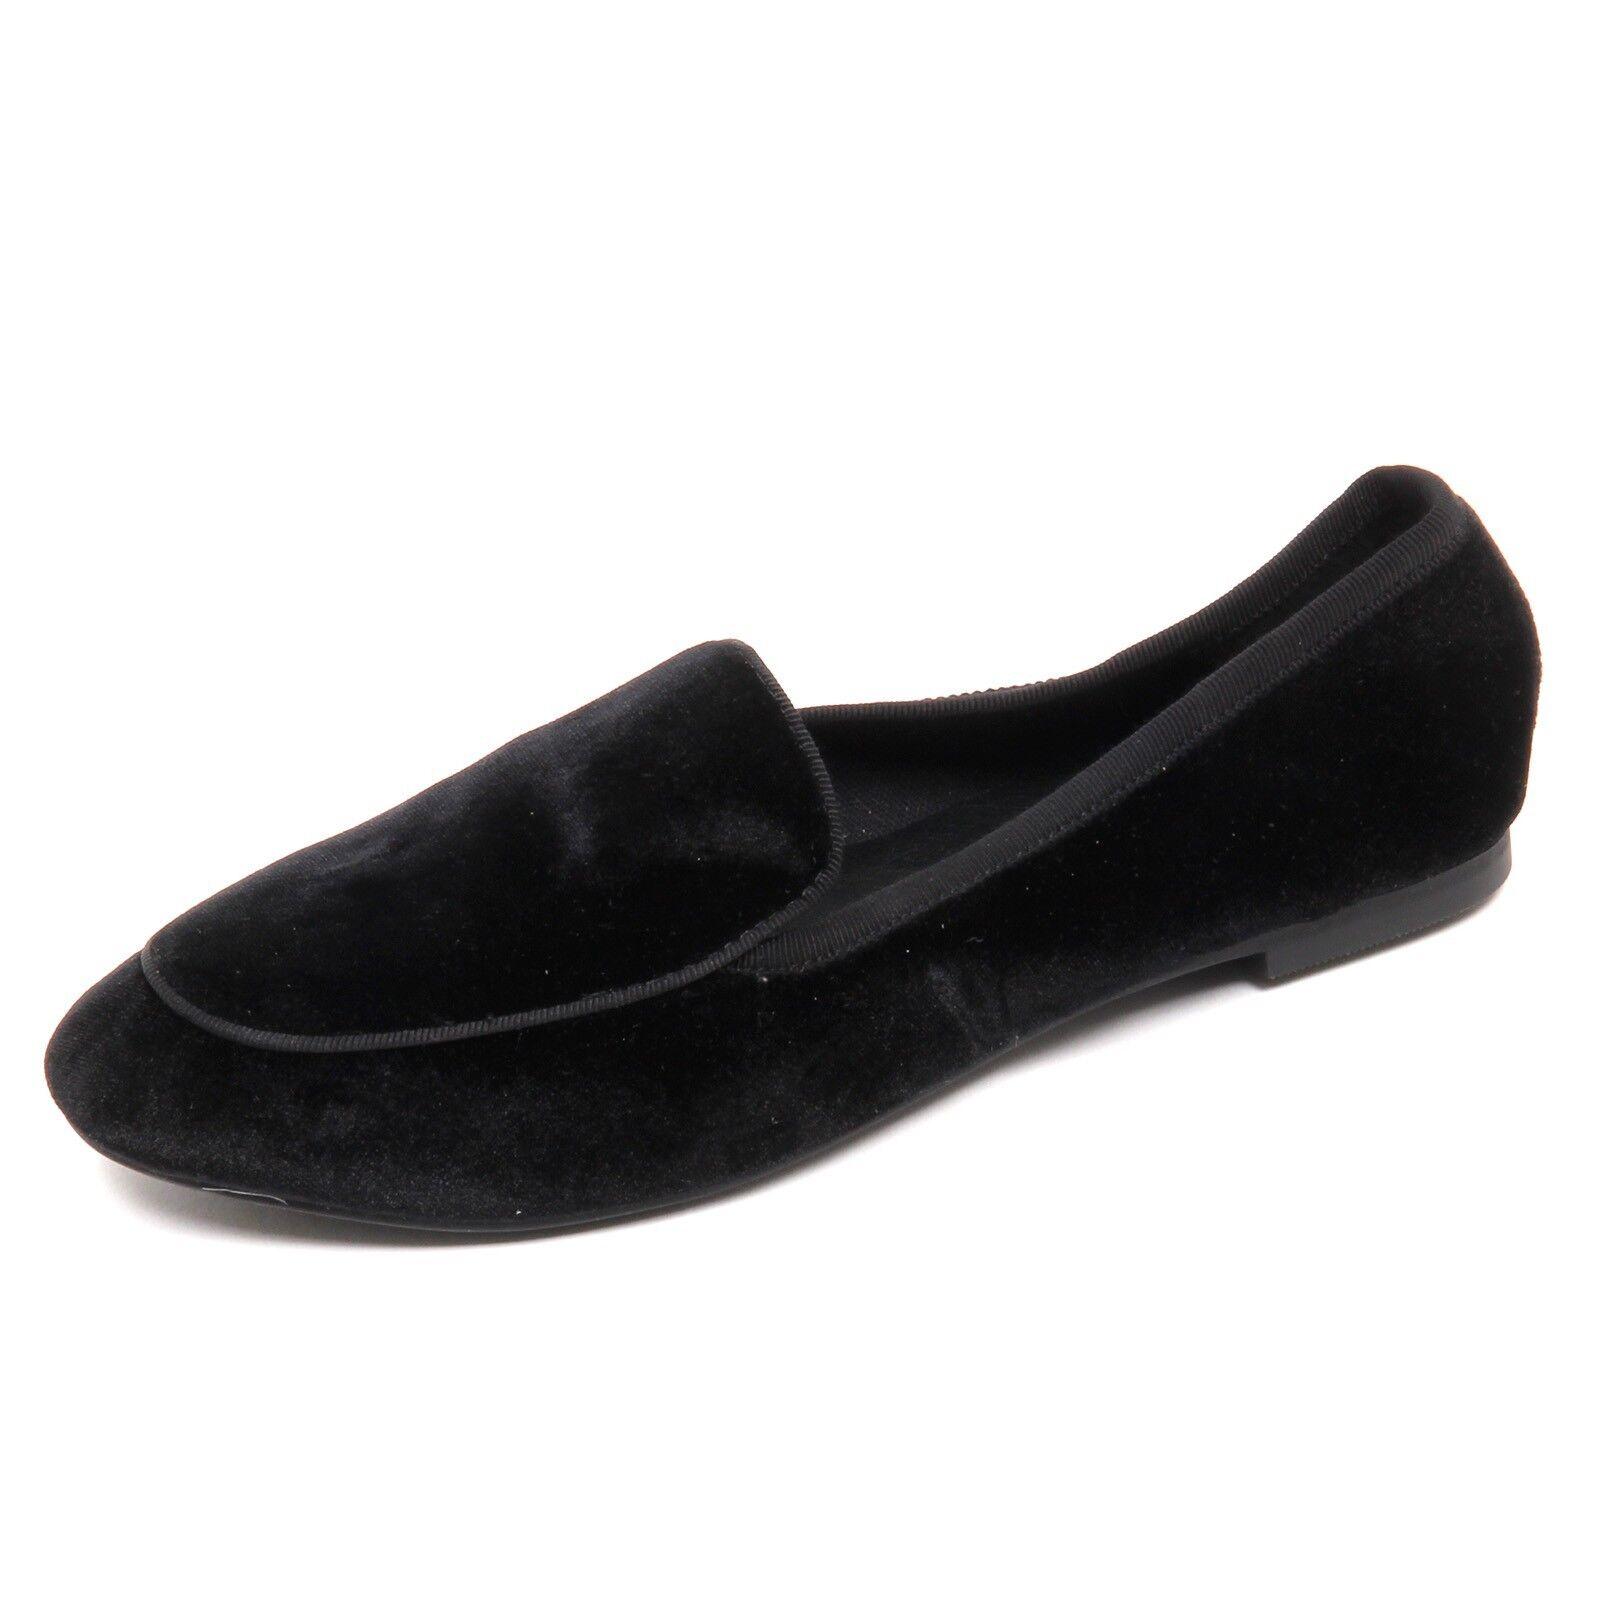 D5294 (sin Caja) mocassino Windsor Smith Terciopelo Negro mujer Mujer Mujer Mujer Mocasín  tienda hace compras y ventas